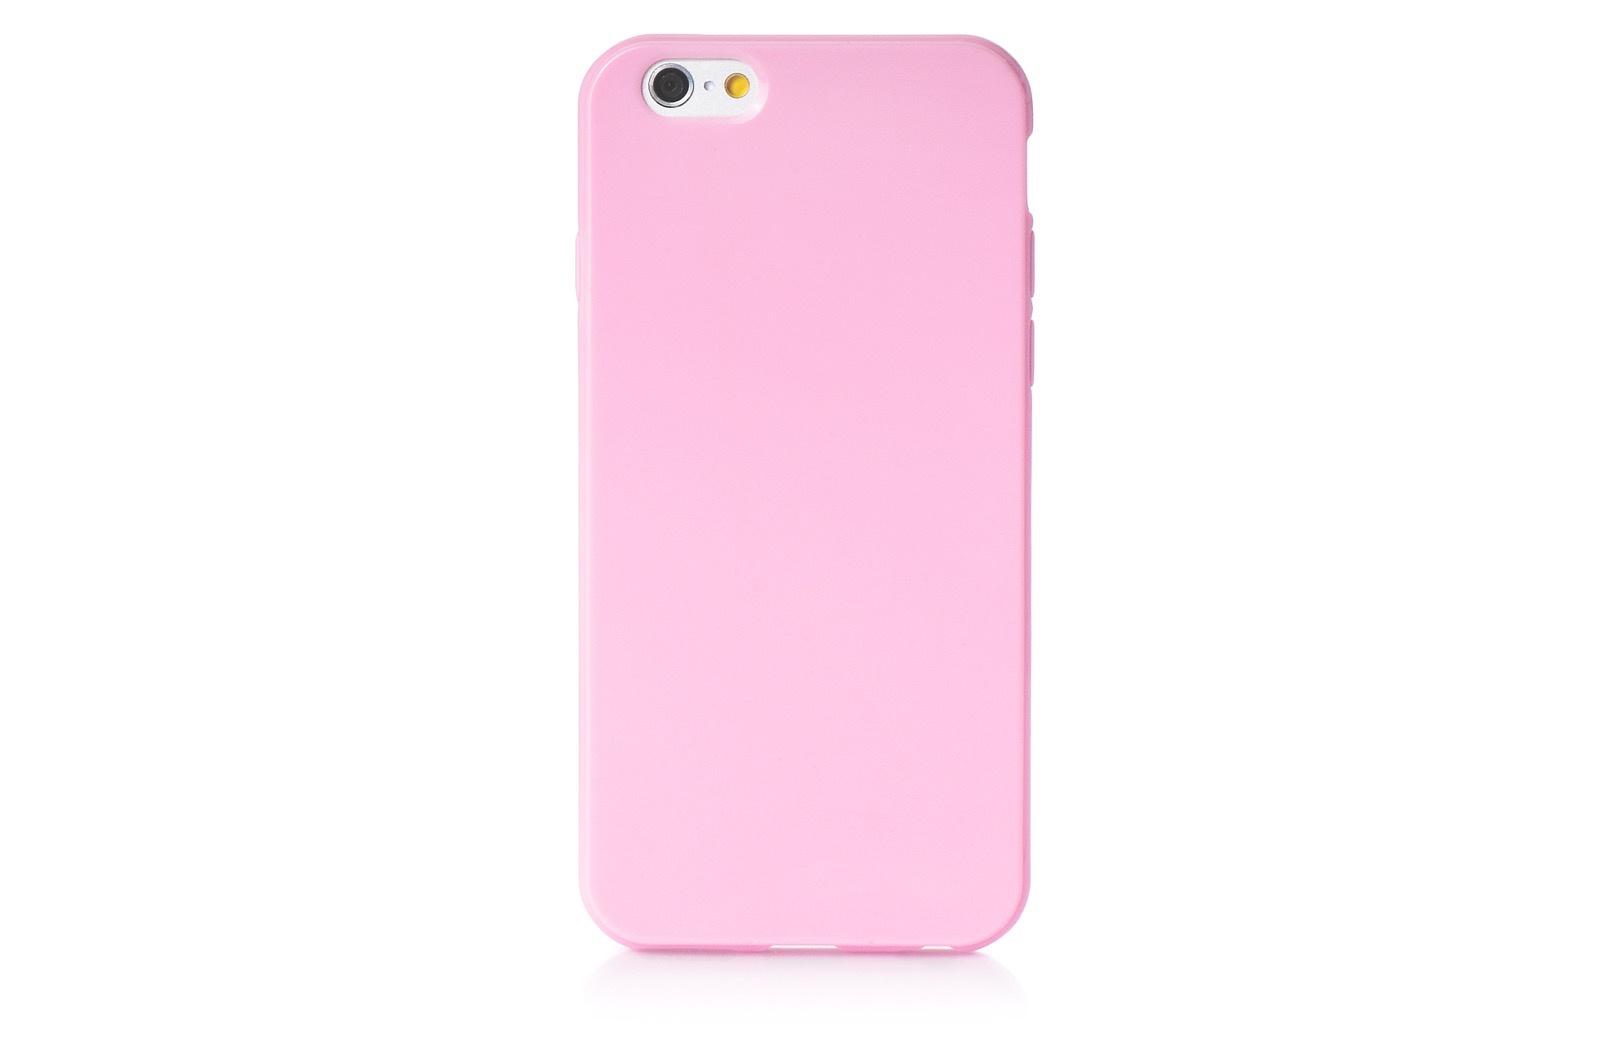 """Чехол для сотового телефона iNeez накладка силикон мыльница 620216 для Apple Iphone 6 Plus/6S Plus 5.5"""", розовый"""